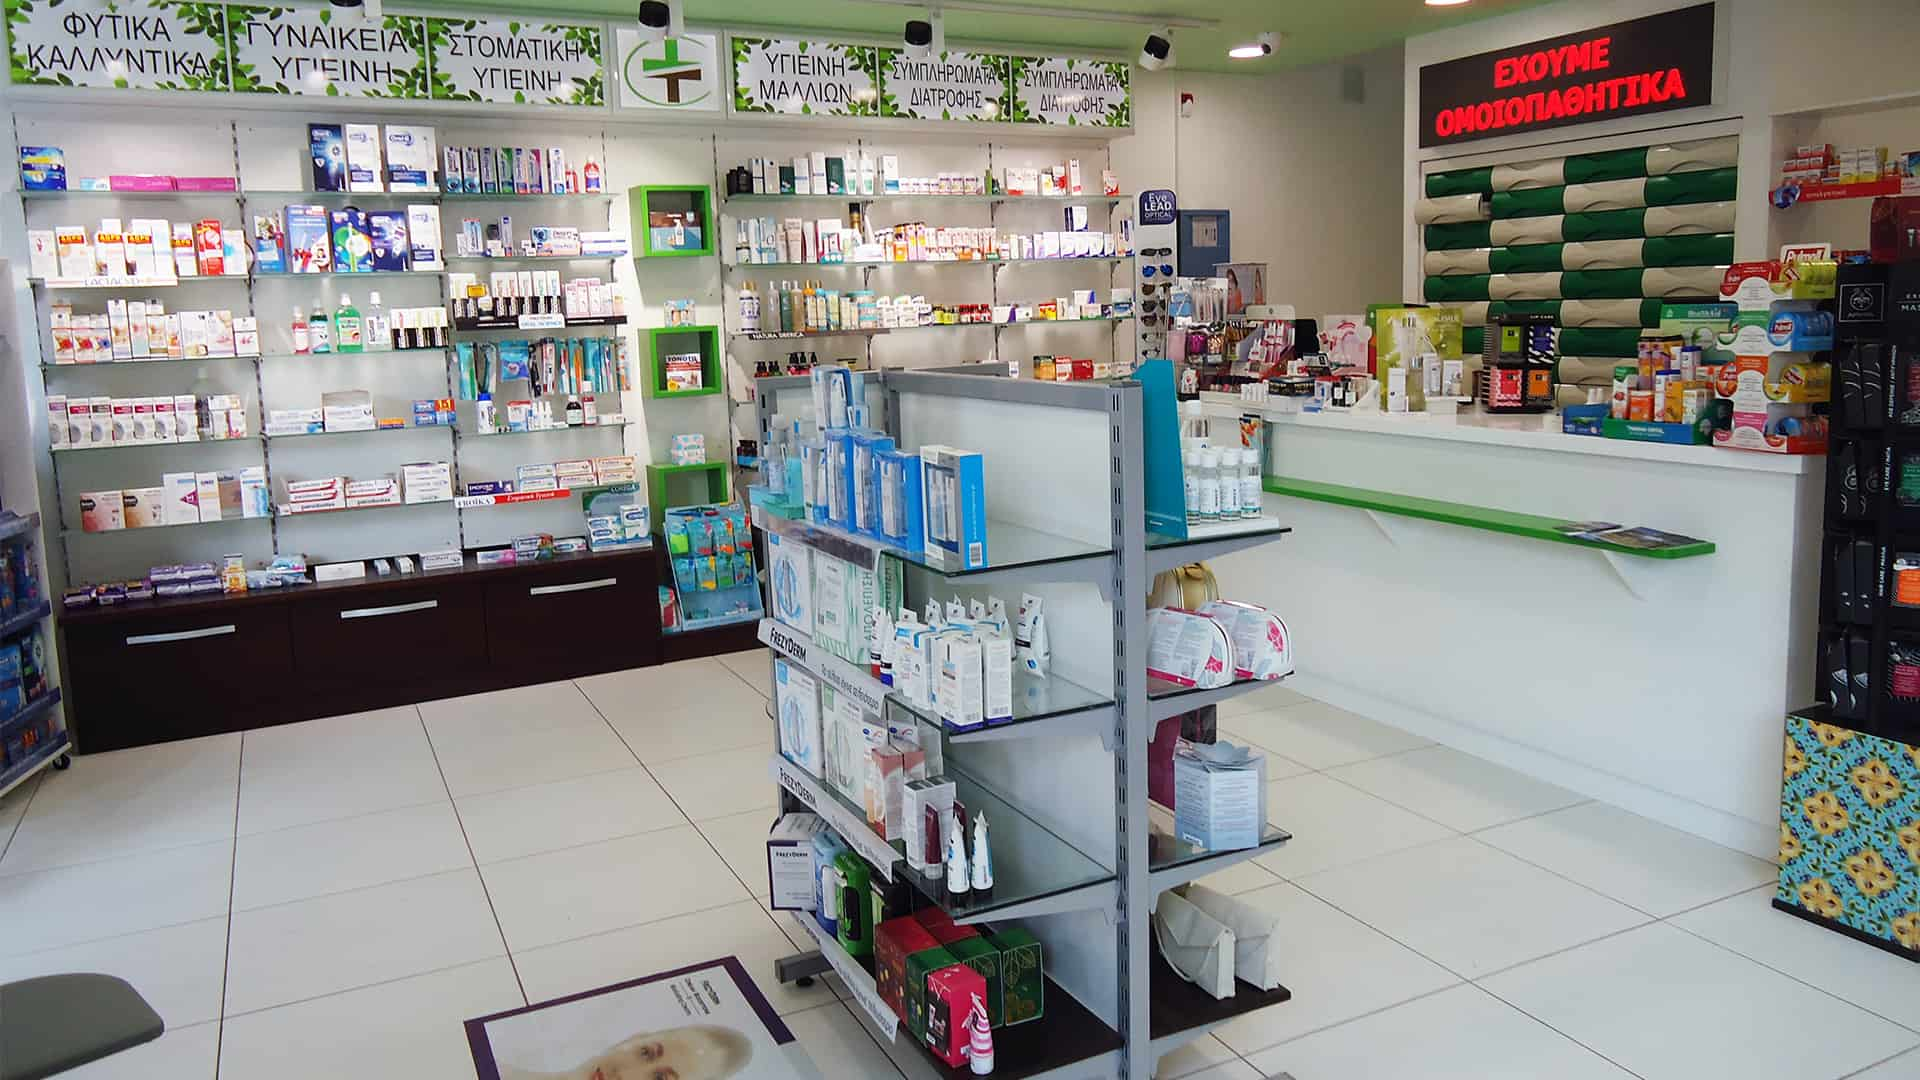 Φαρμακείο Τζένη Ρουκά συμπληρώματα διατροφής